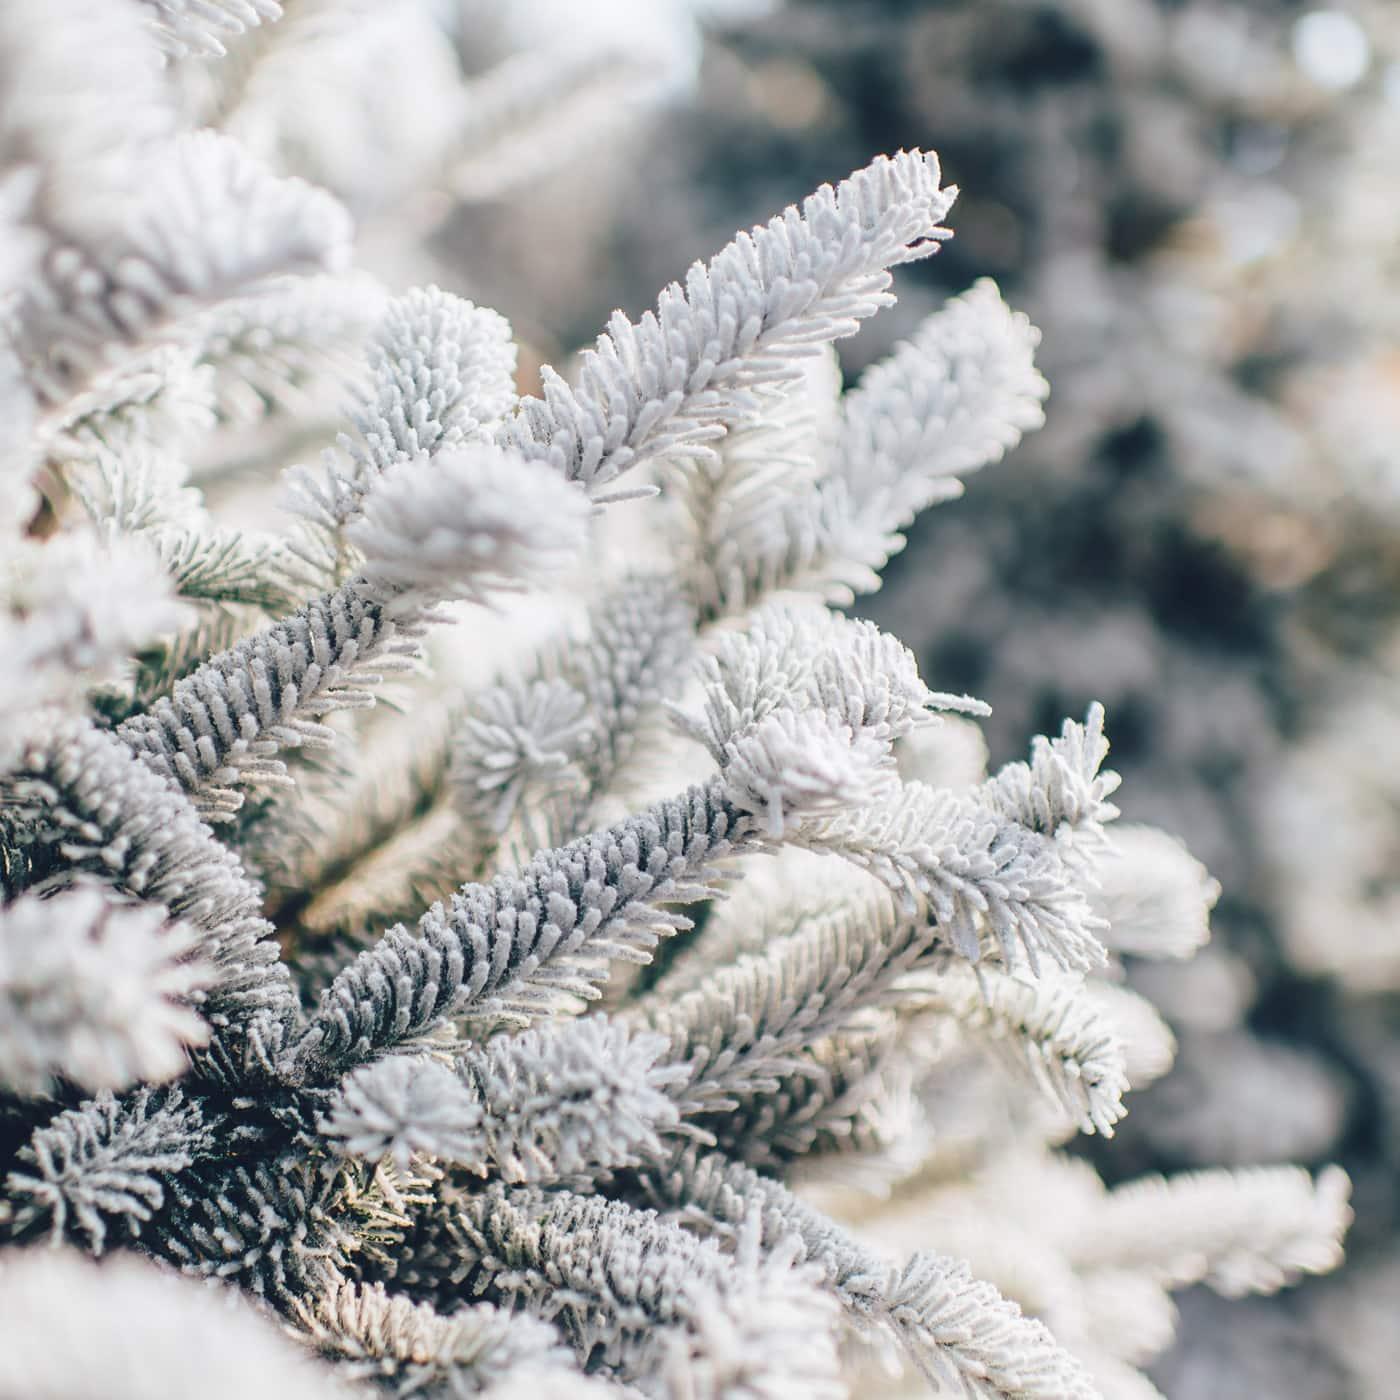 Winterspaziergang in der Adventszeit und an Weihnachten – Weihnachtsrituale mit Kindern // HIMBEER